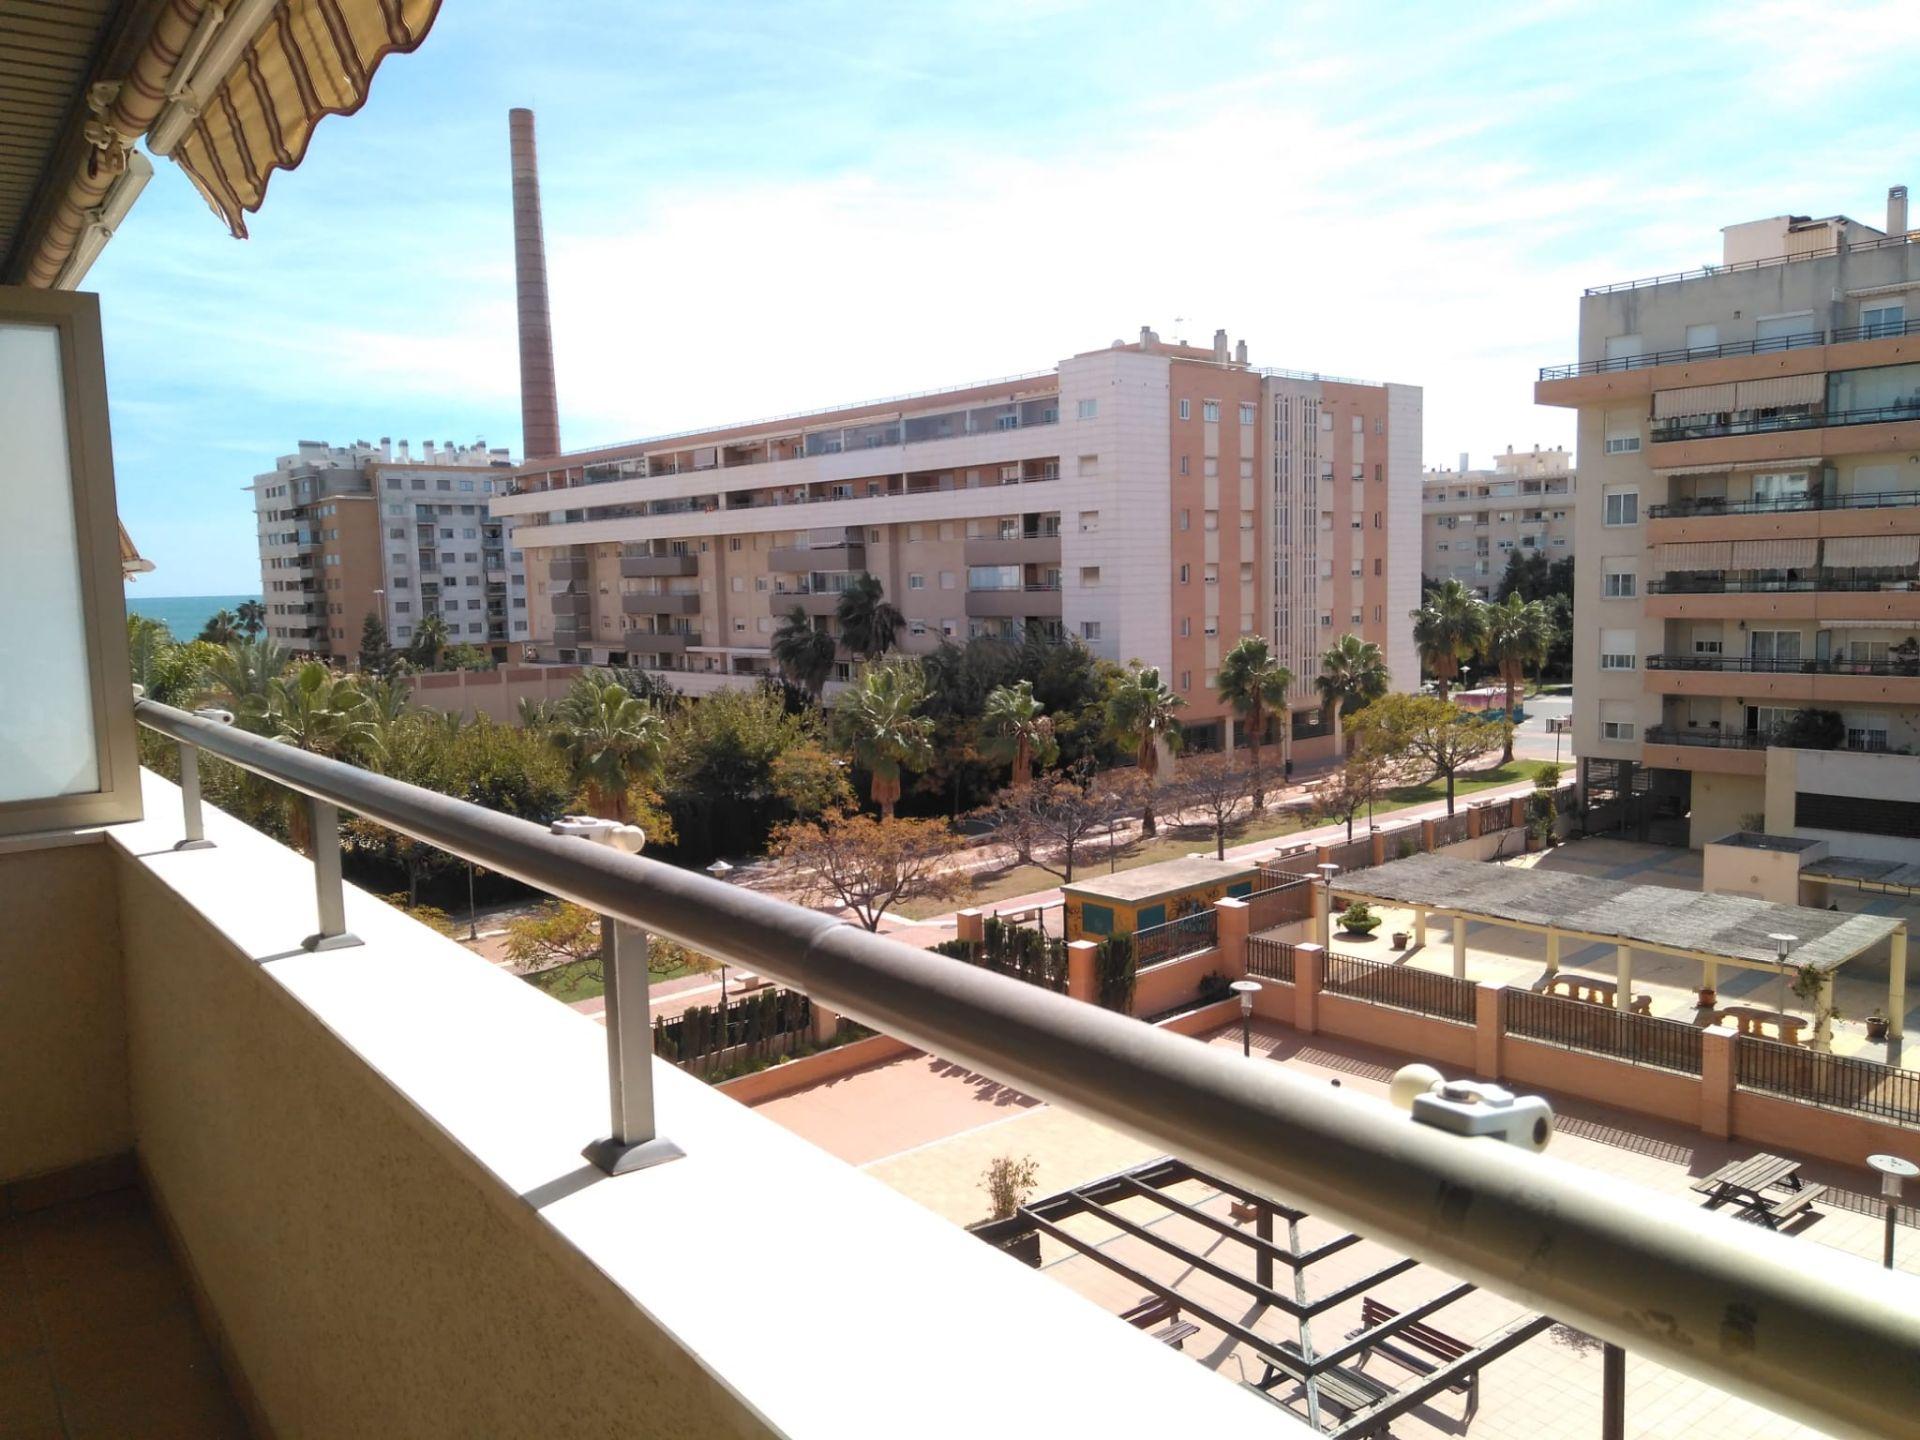 Piso en Málaga, PASEO MARÍTIMO PACIF, alquiler